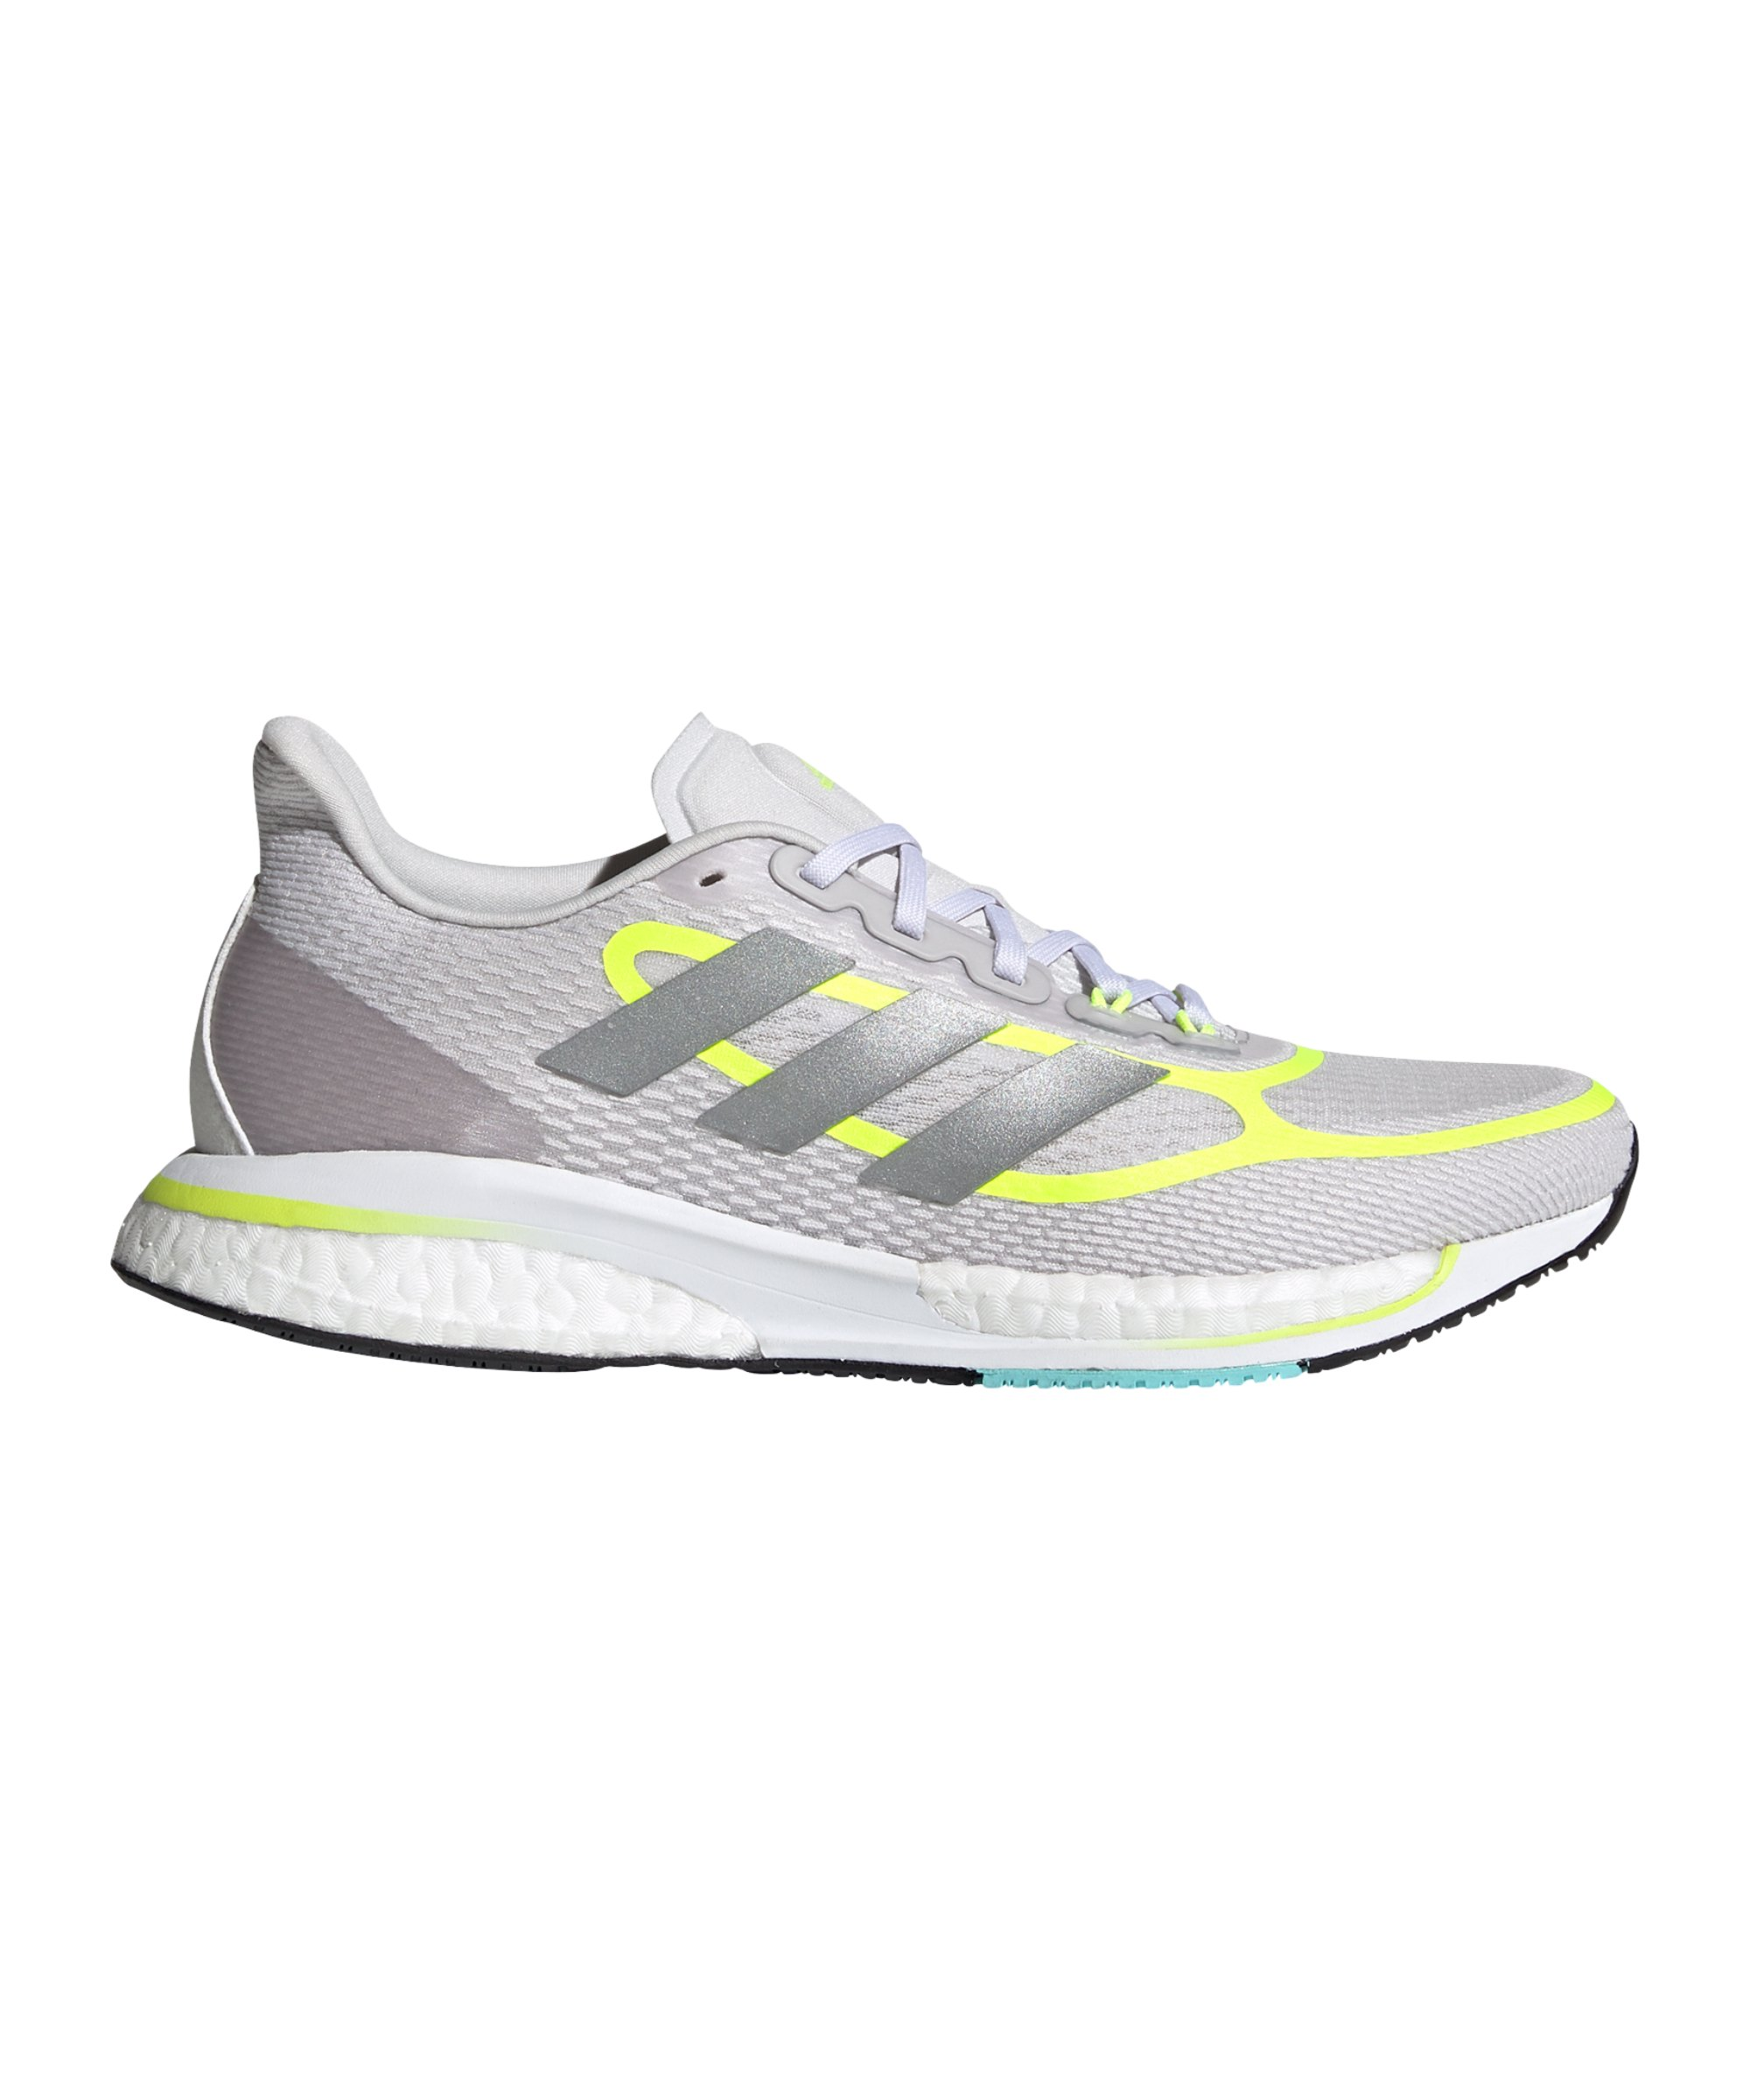 adidas Supernova+ Running Damen Grau Gelb - grau